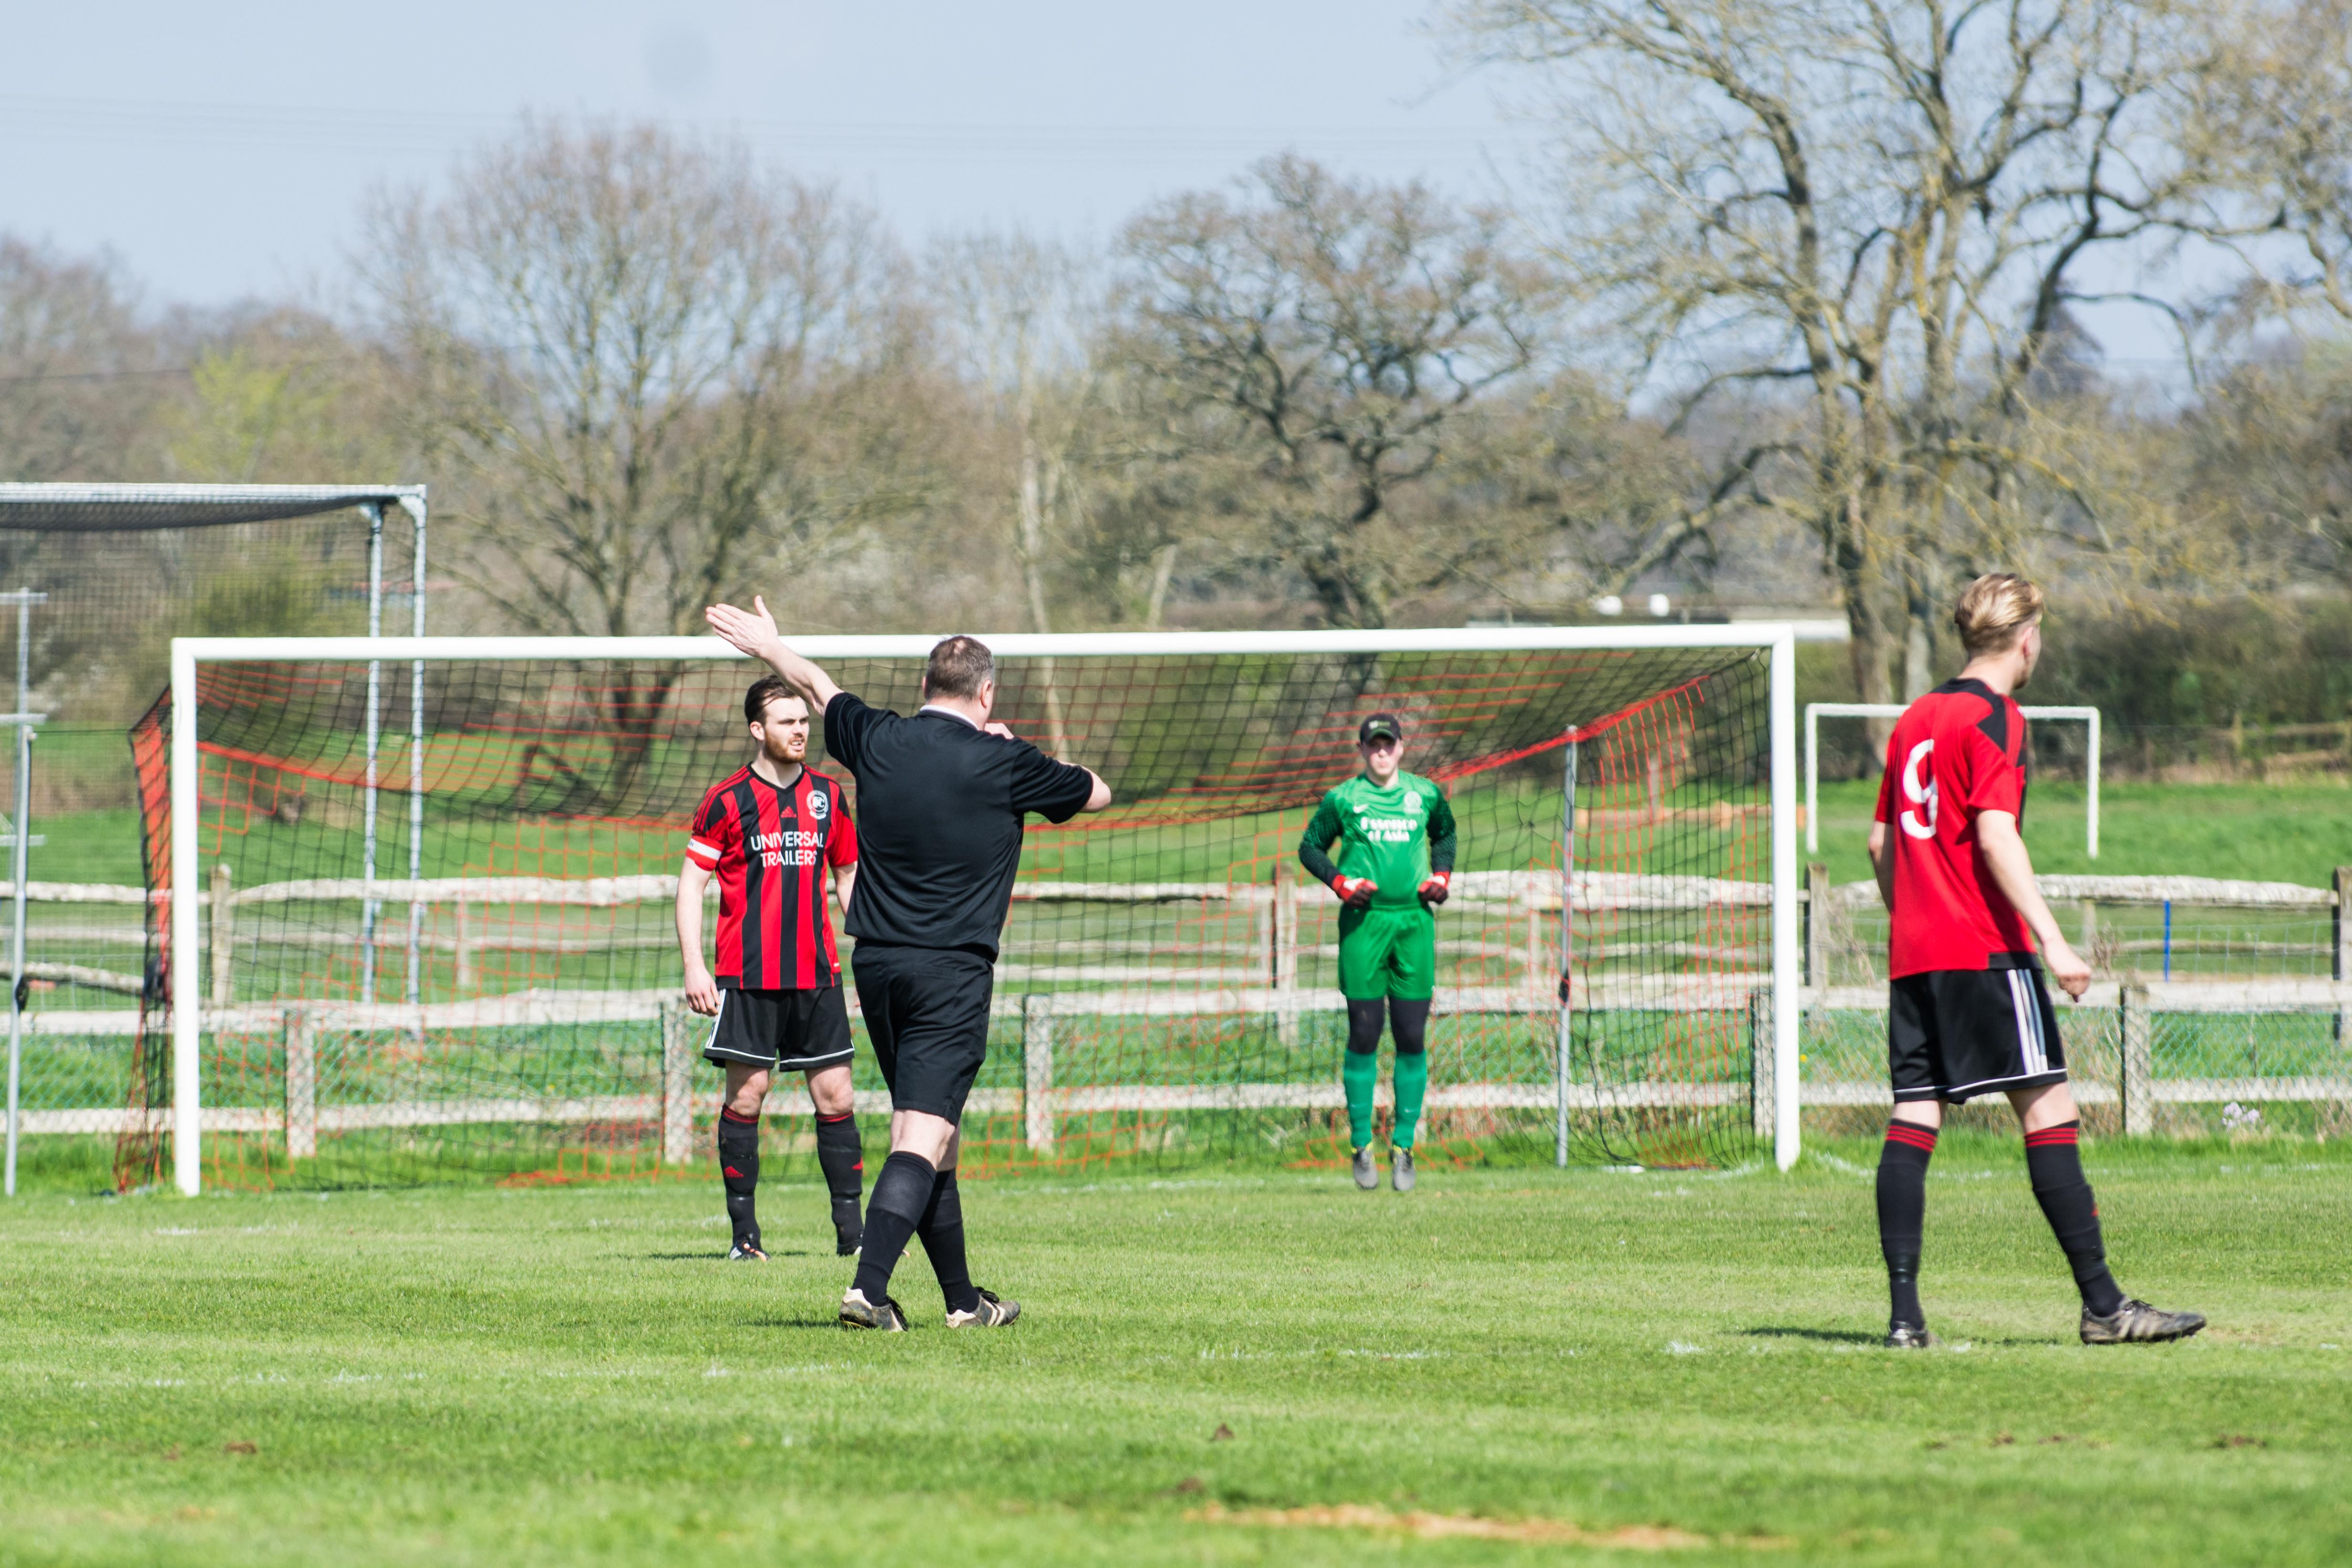 DAVID_JEFFERY Billingshurst FC vs AFC Varndeanians 14.04.18 16